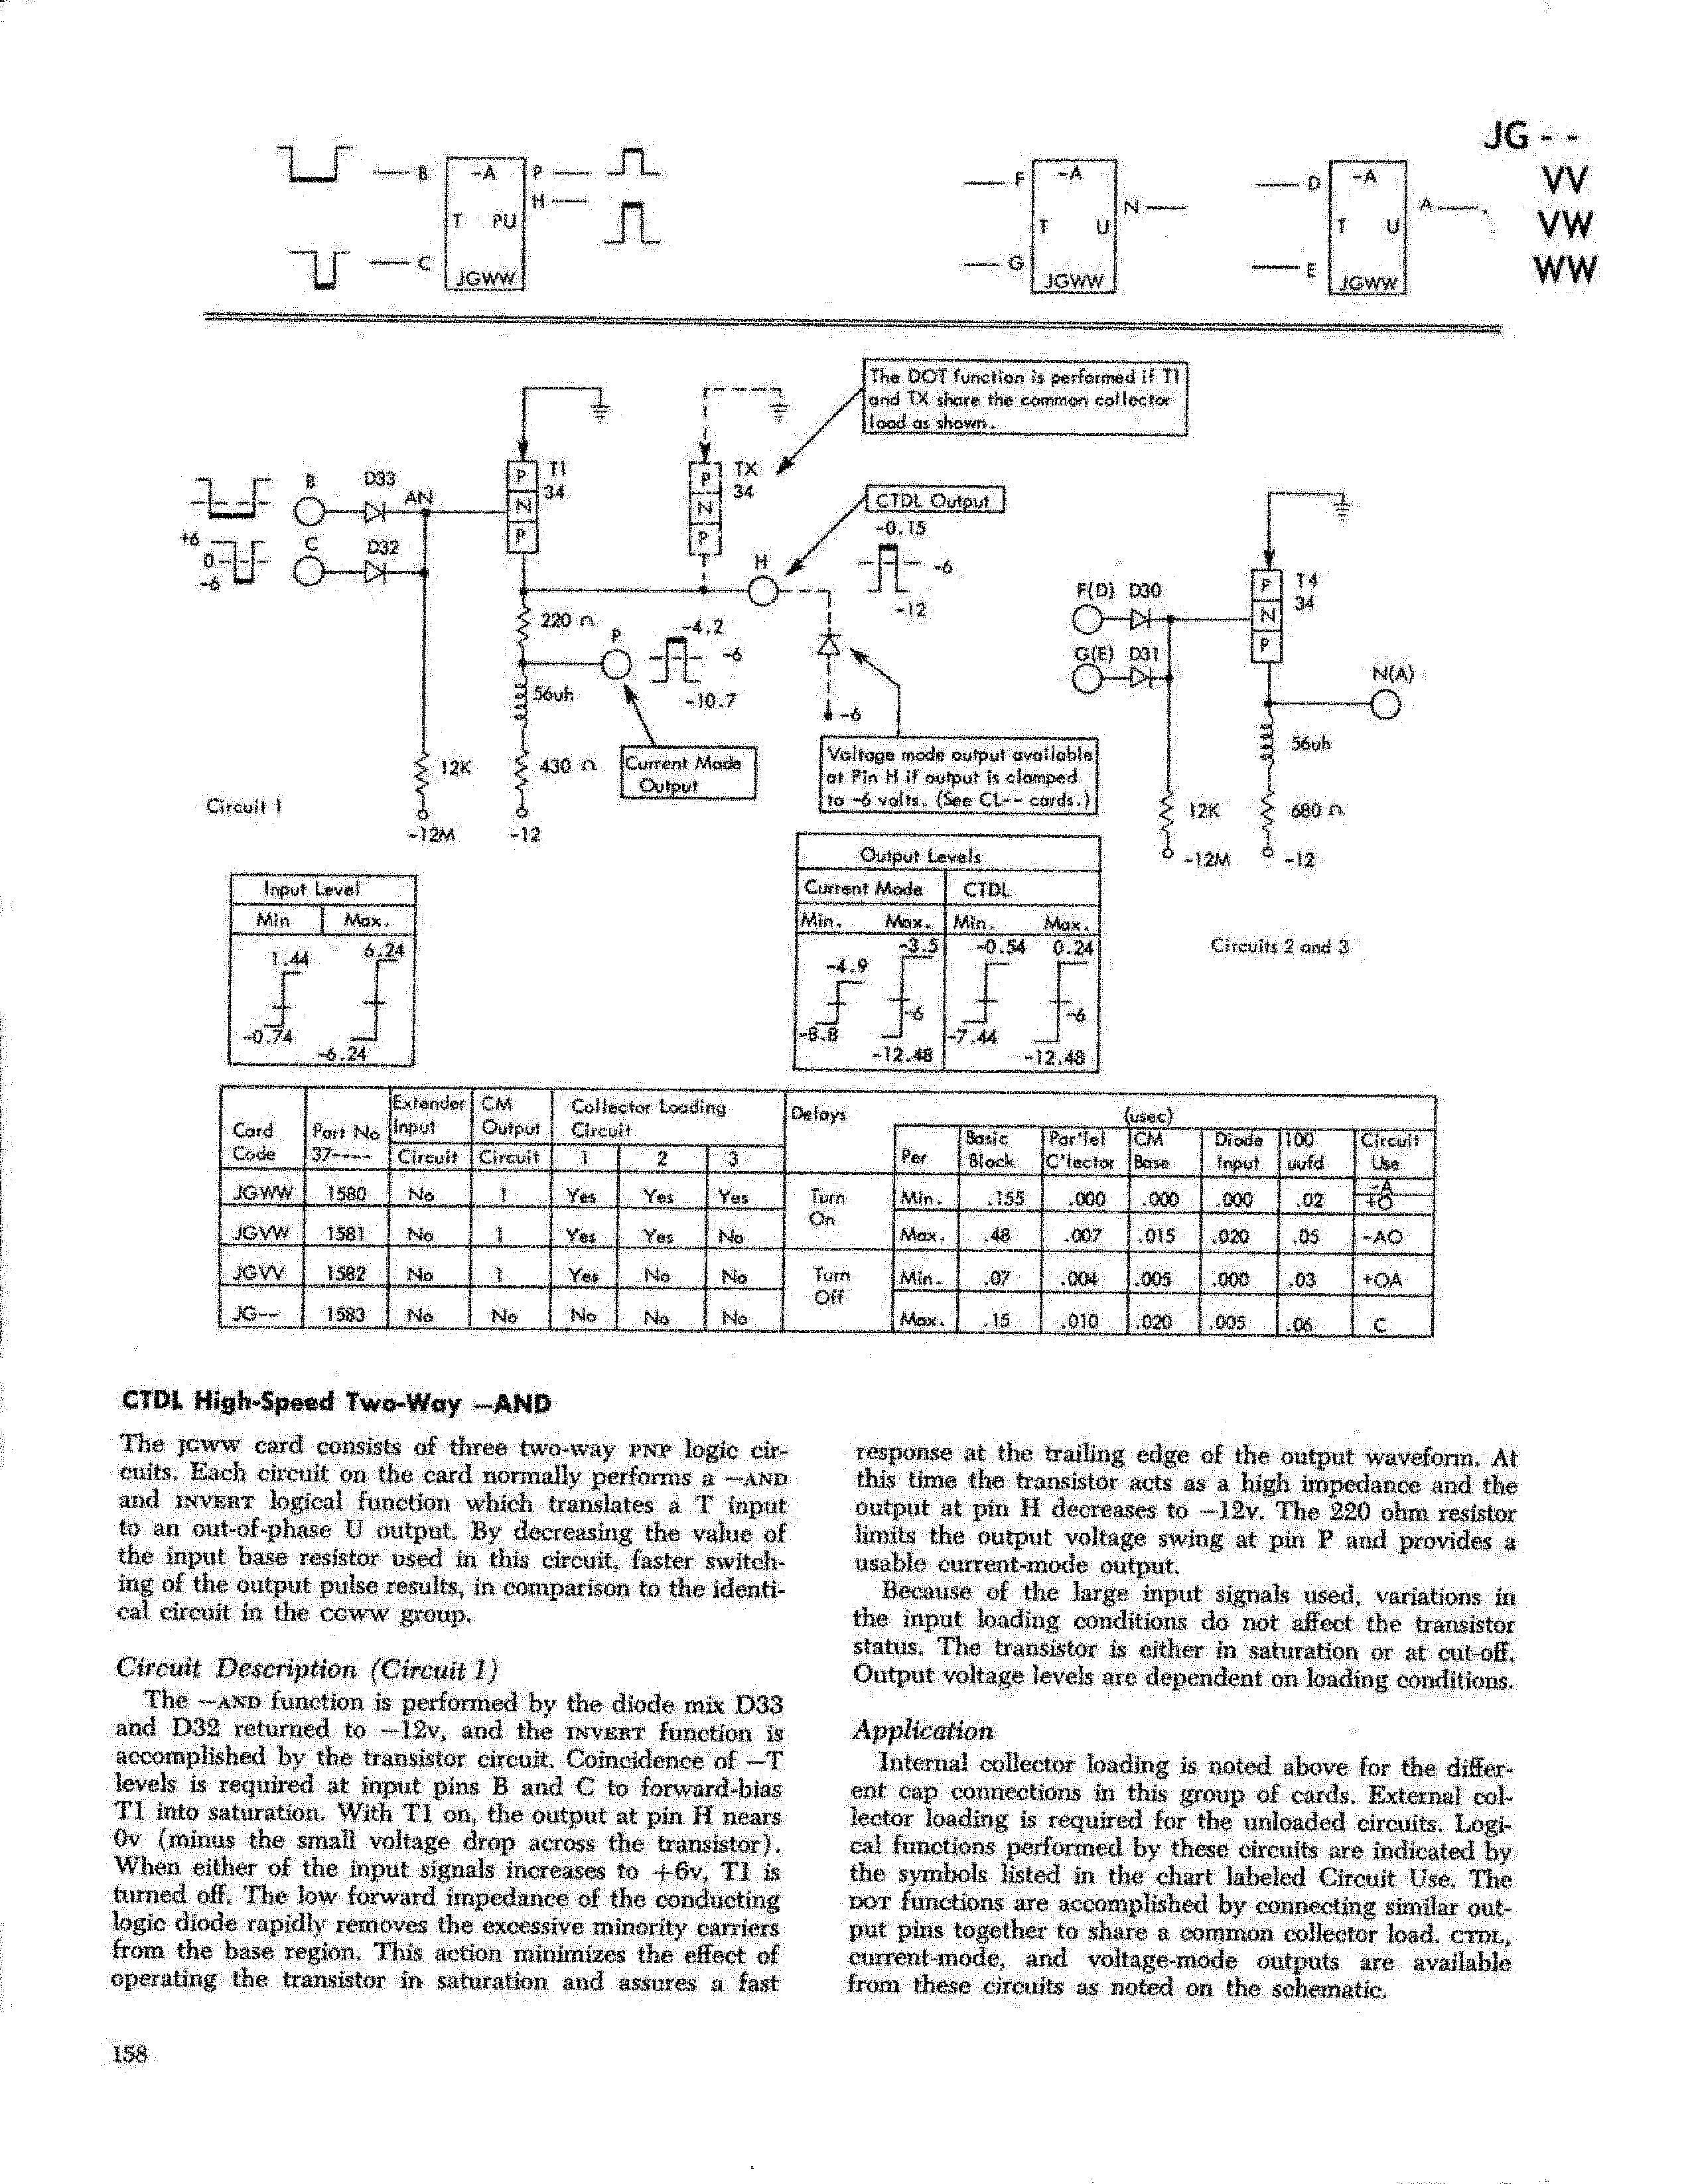 IBM SMS card JGVW, part no 371581: description and details